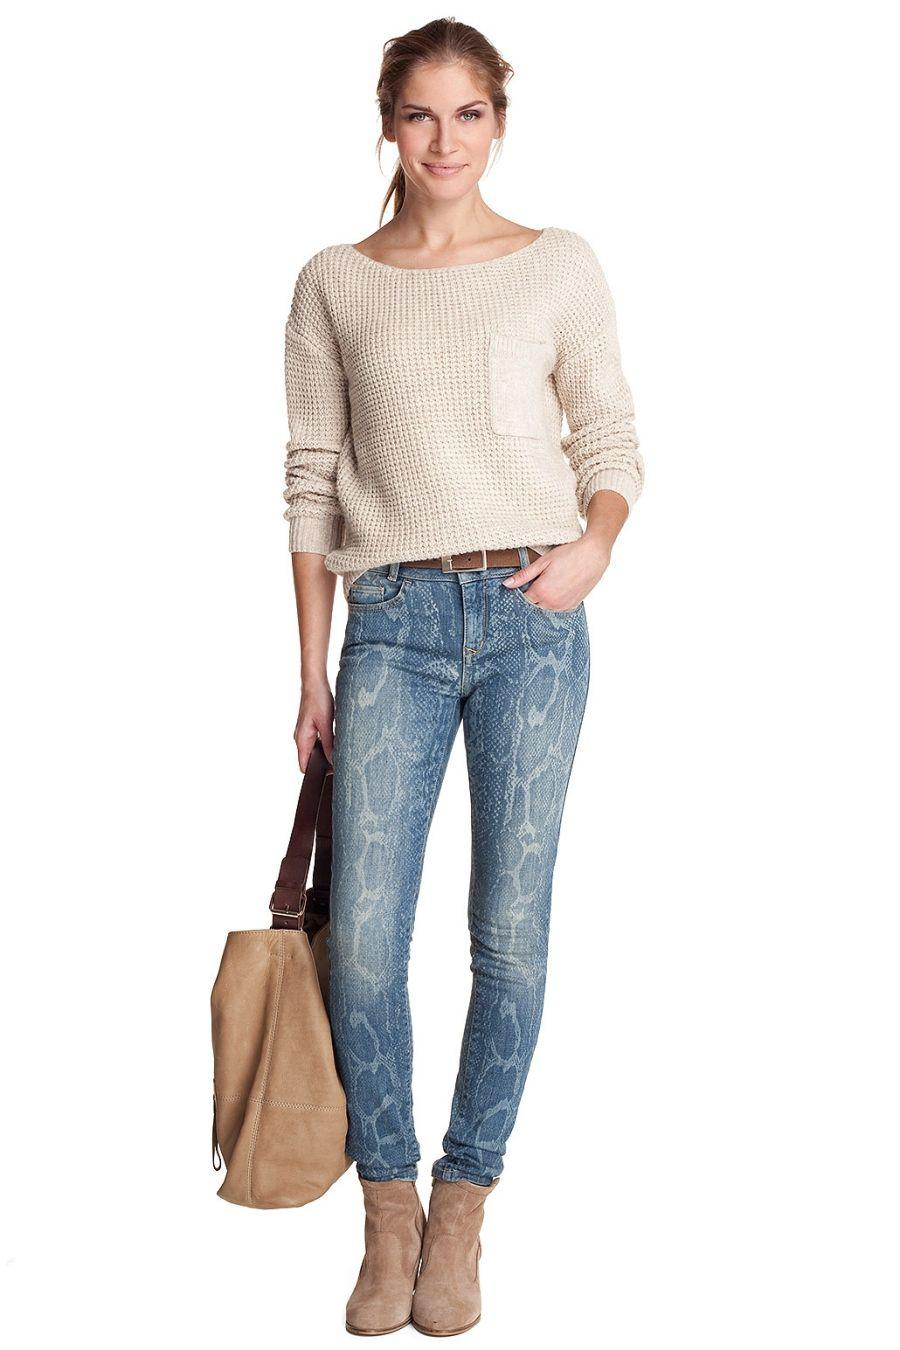 garcia jeans lookbook women - Buscar con Google